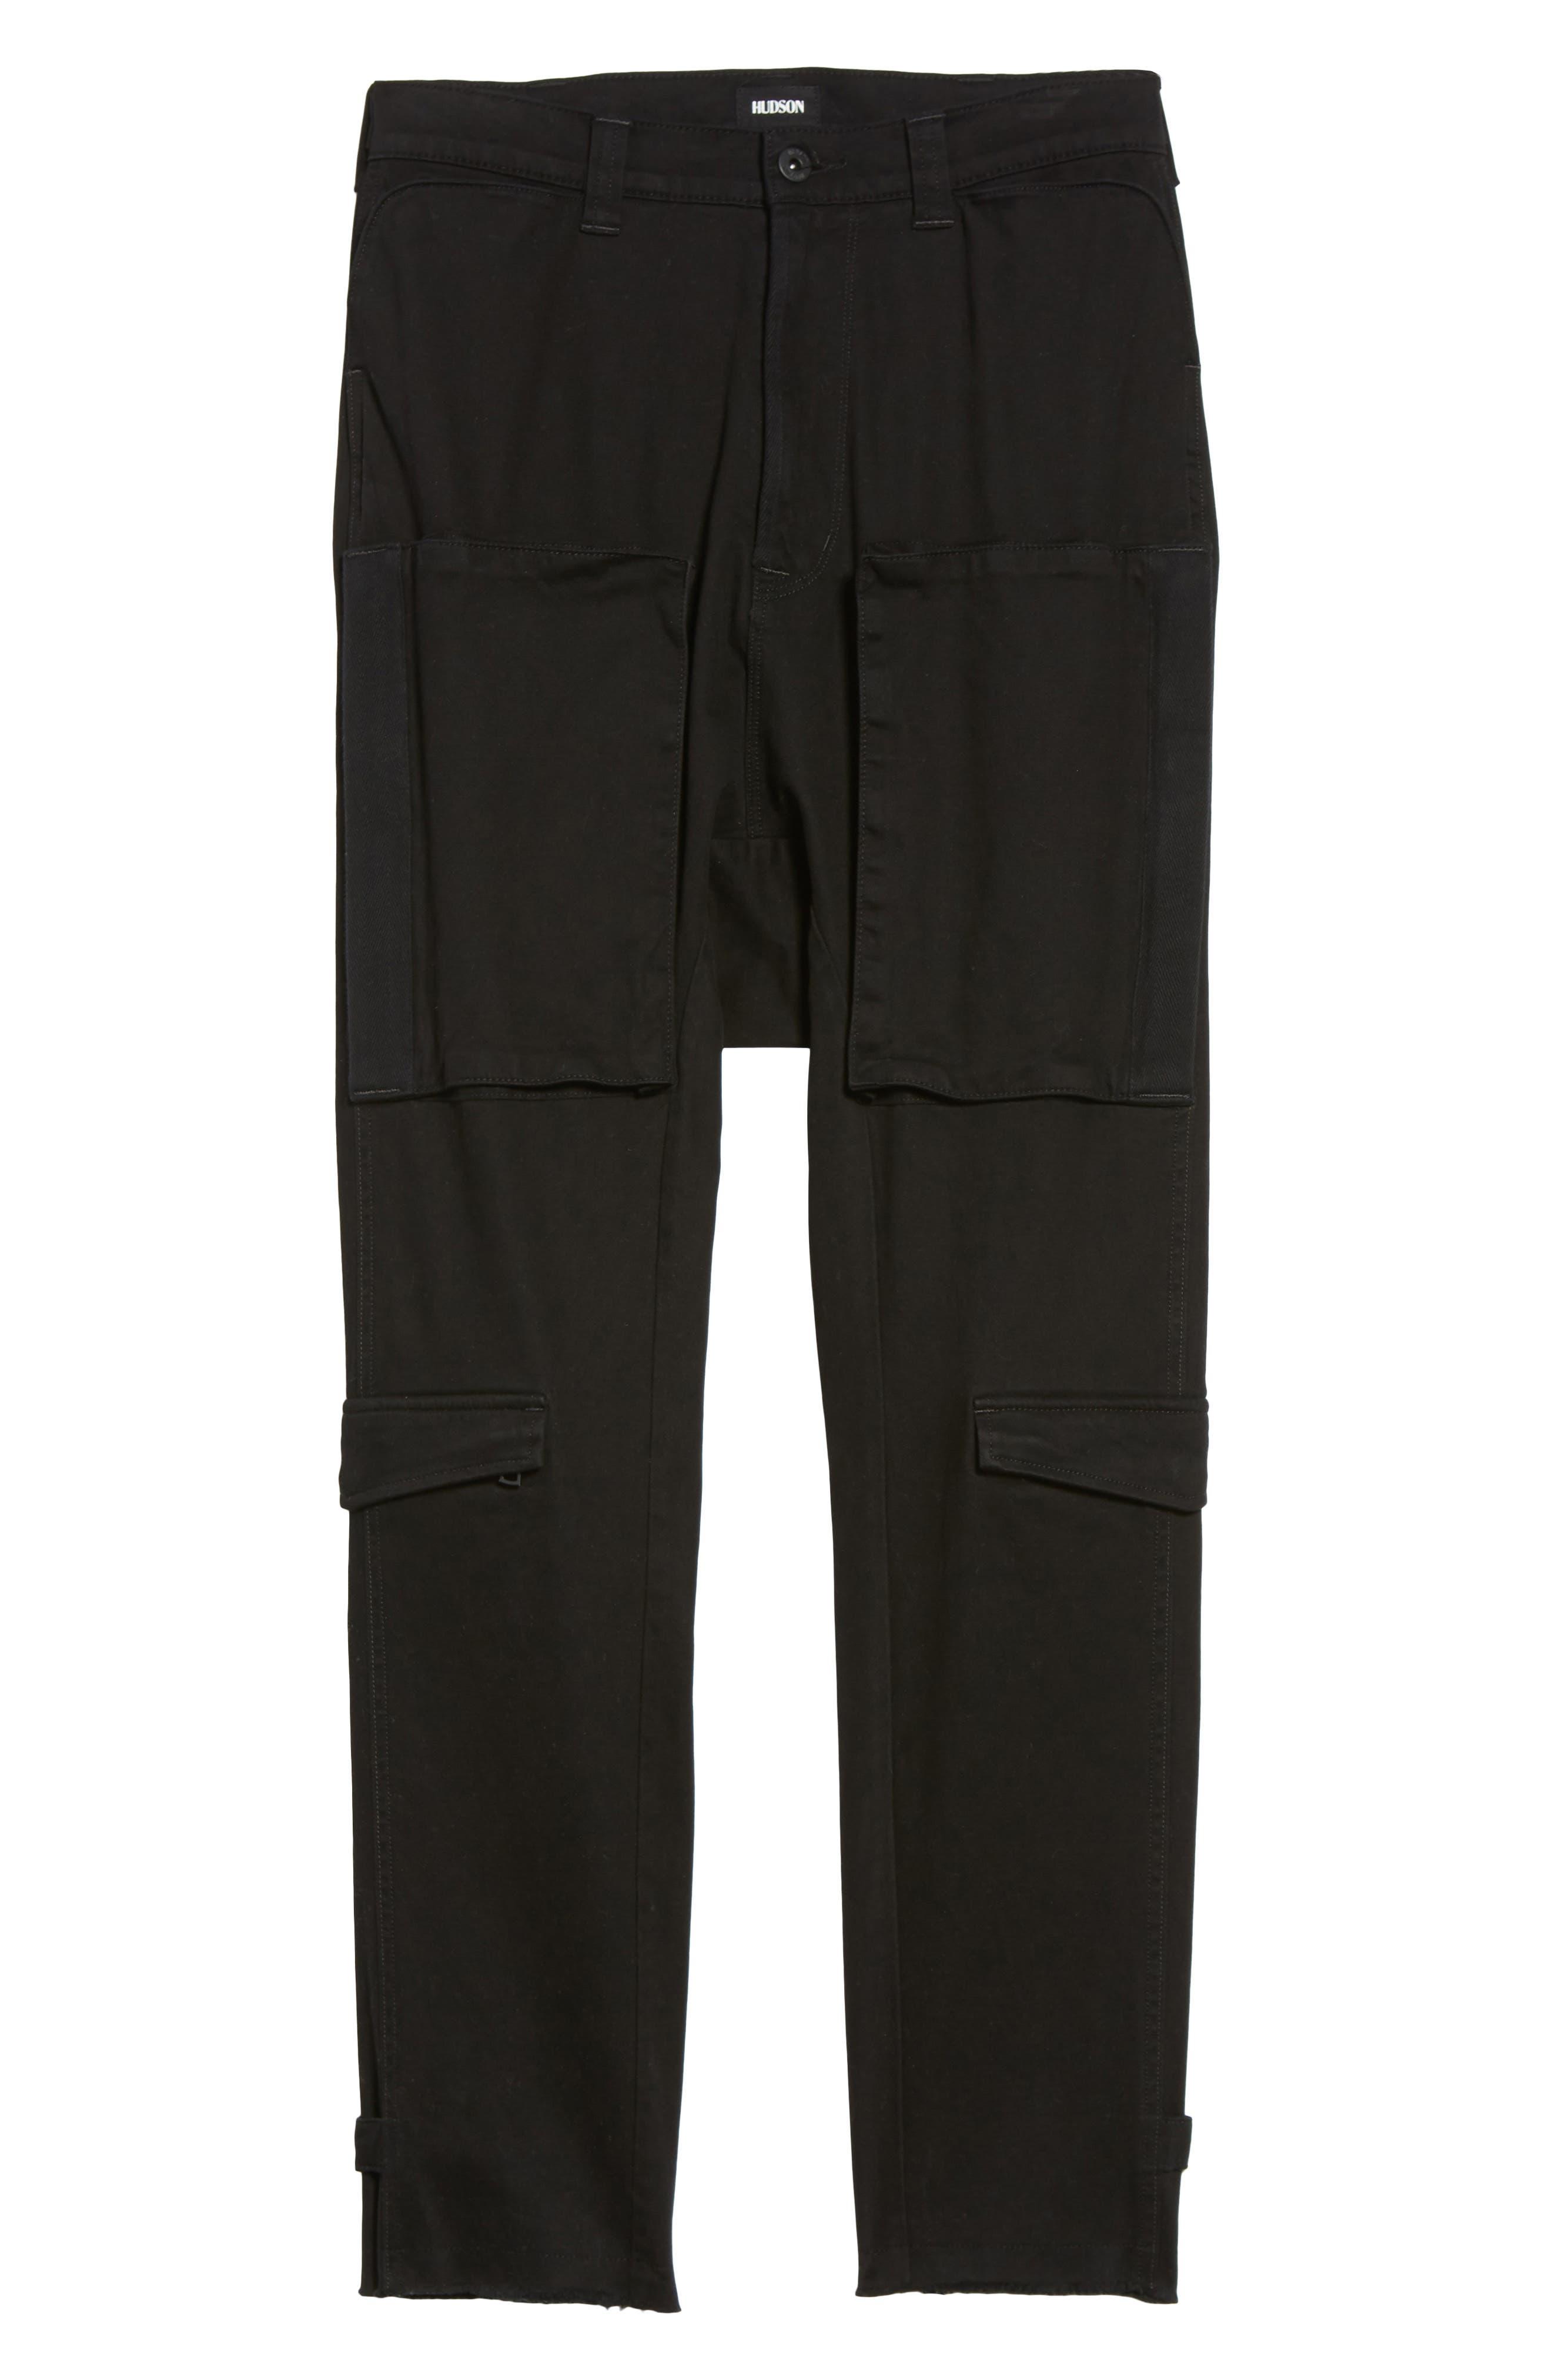 Quint Slouchy Leg Cargo Pants,                             Alternate thumbnail 6, color,                             001